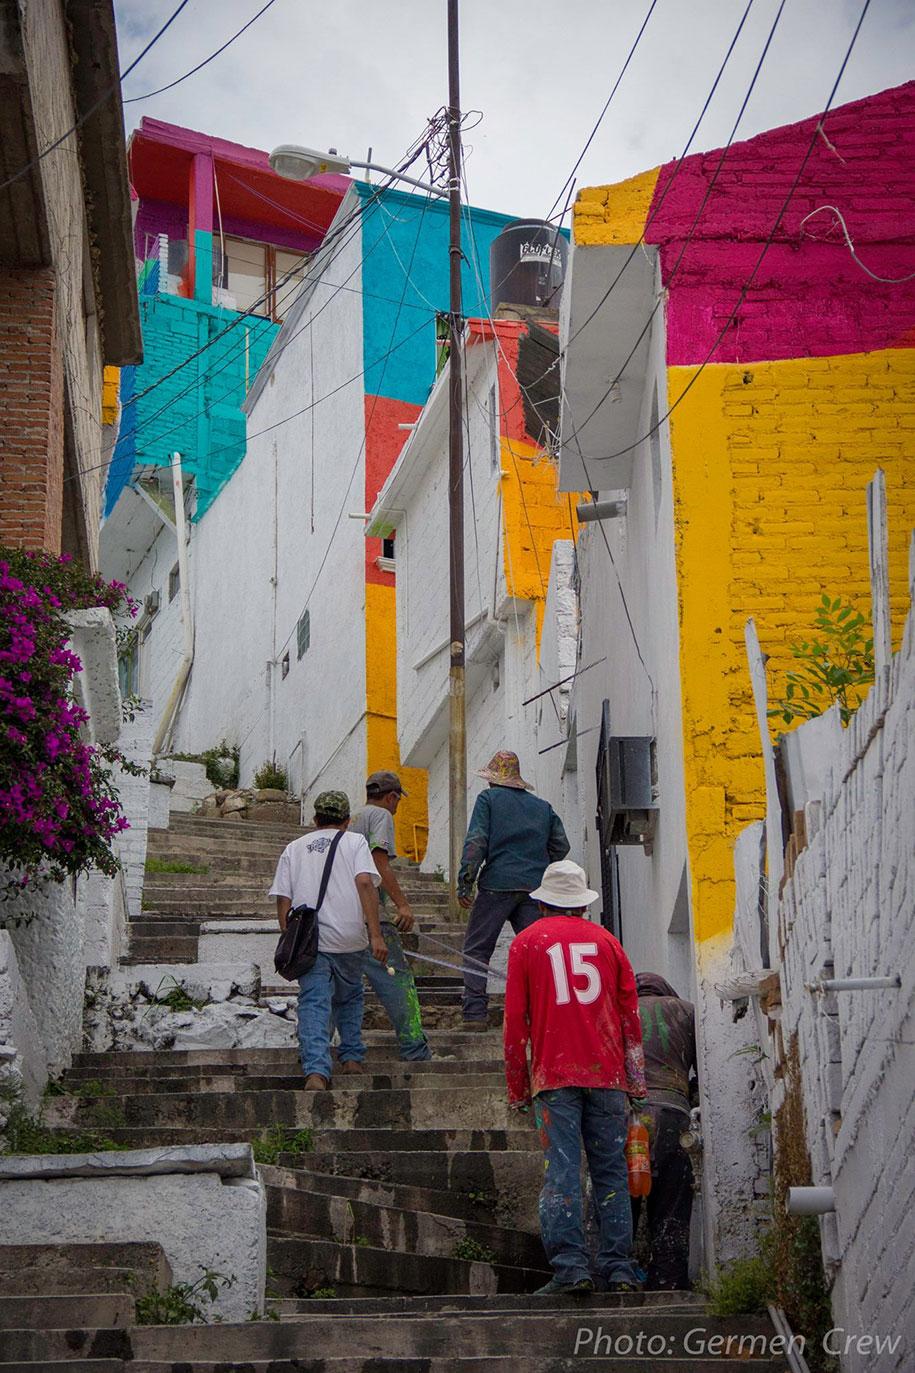 street-art-messico-macro-murales-palmitas-germen-crew-01